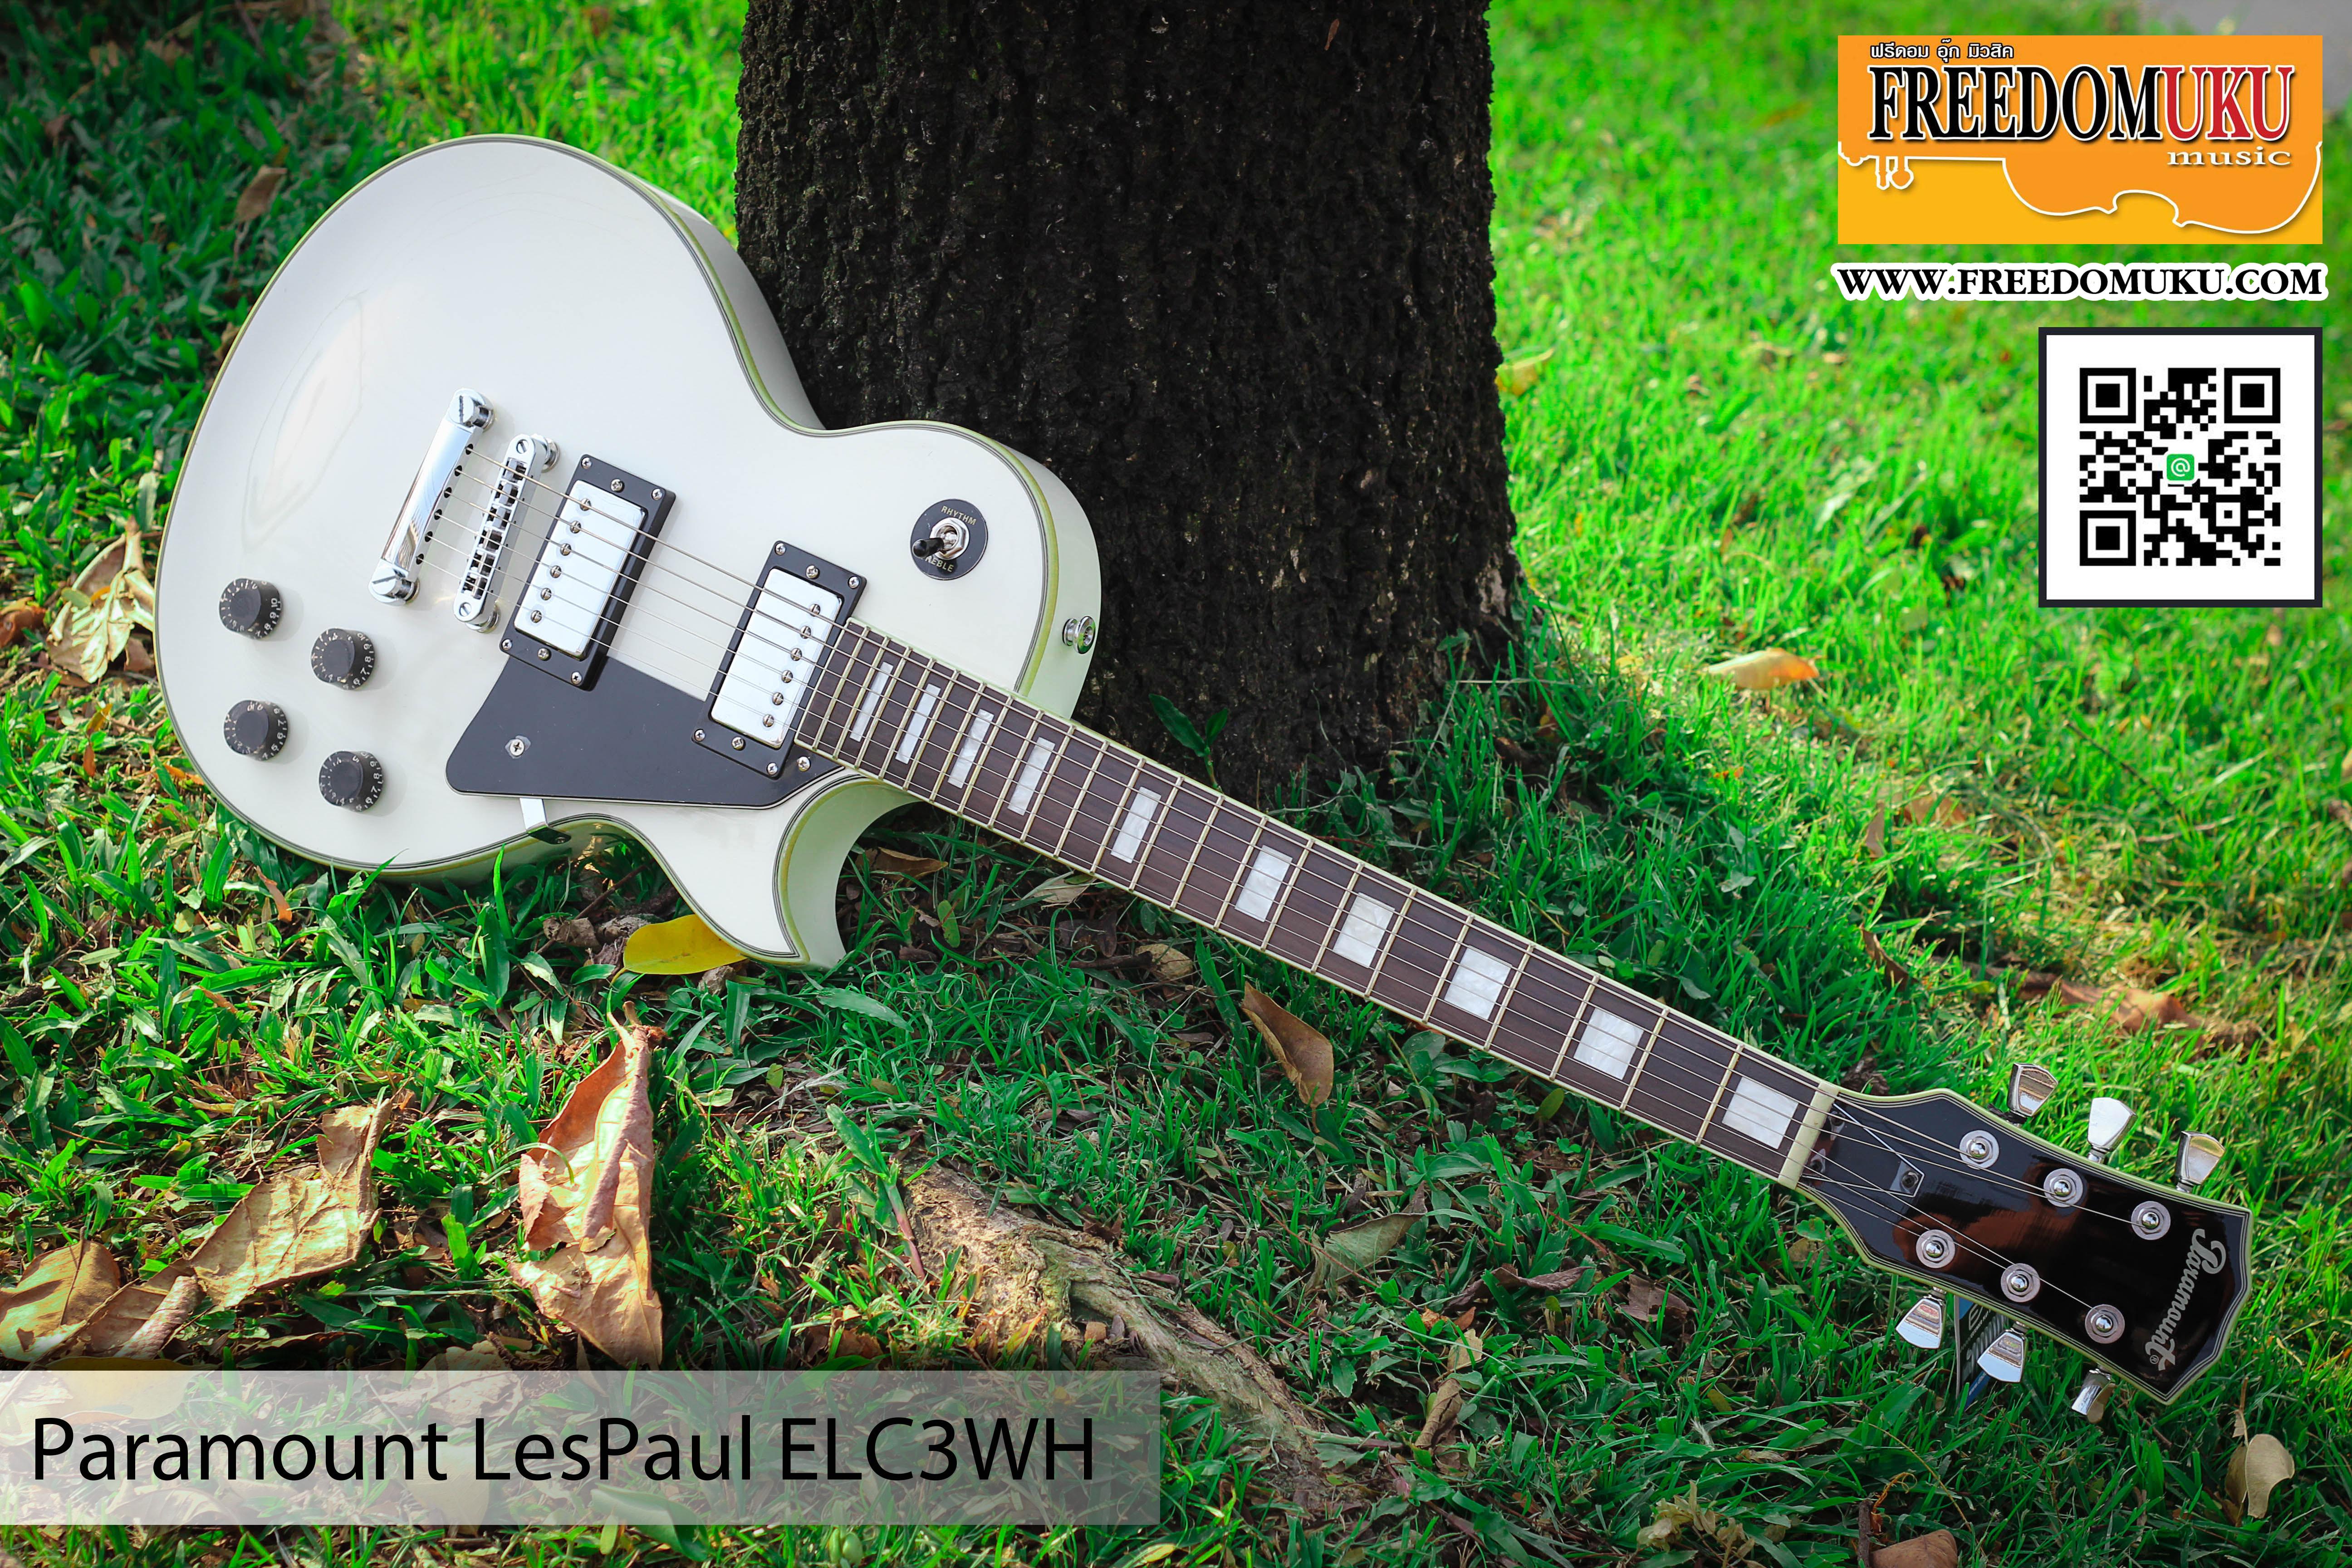 Paramount Lespaul ELC3WH